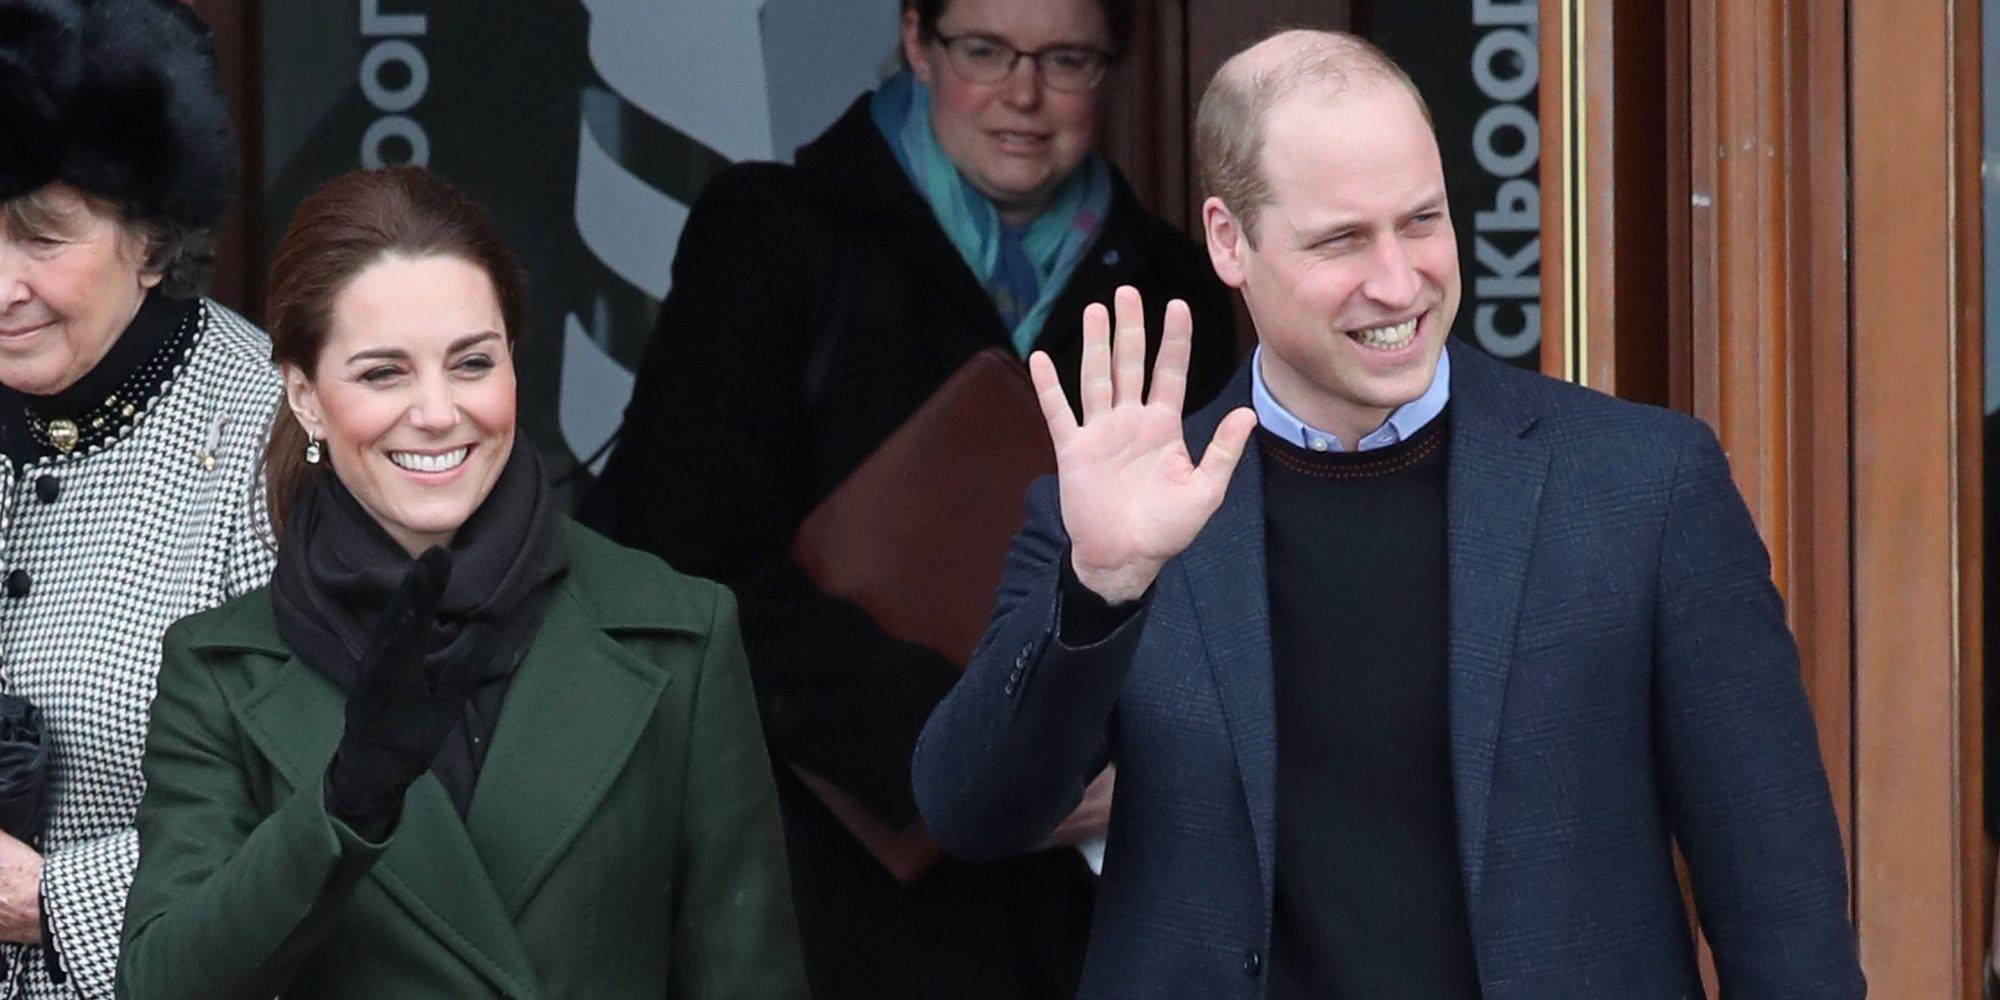 """El Príncipe Guillermo bromea sobre el coronavirus en su visita a Irlanda: """"Lo estamos propagando"""""""